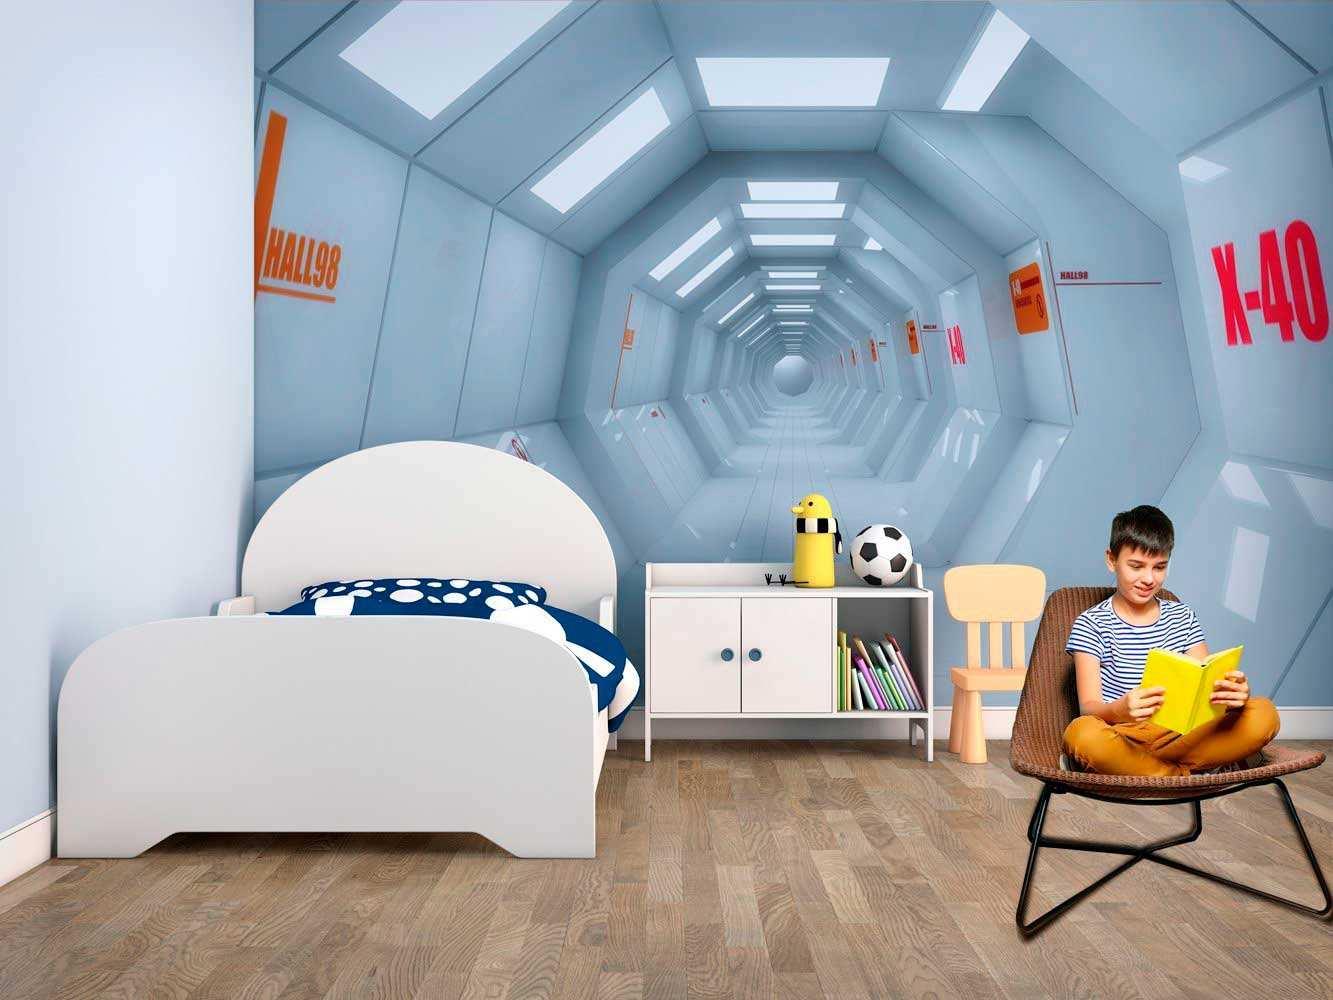 Fotomural Vinilo Infantil Pasillo Nave Espacial | Carteles XXL - Impresión carteleria publicitaria